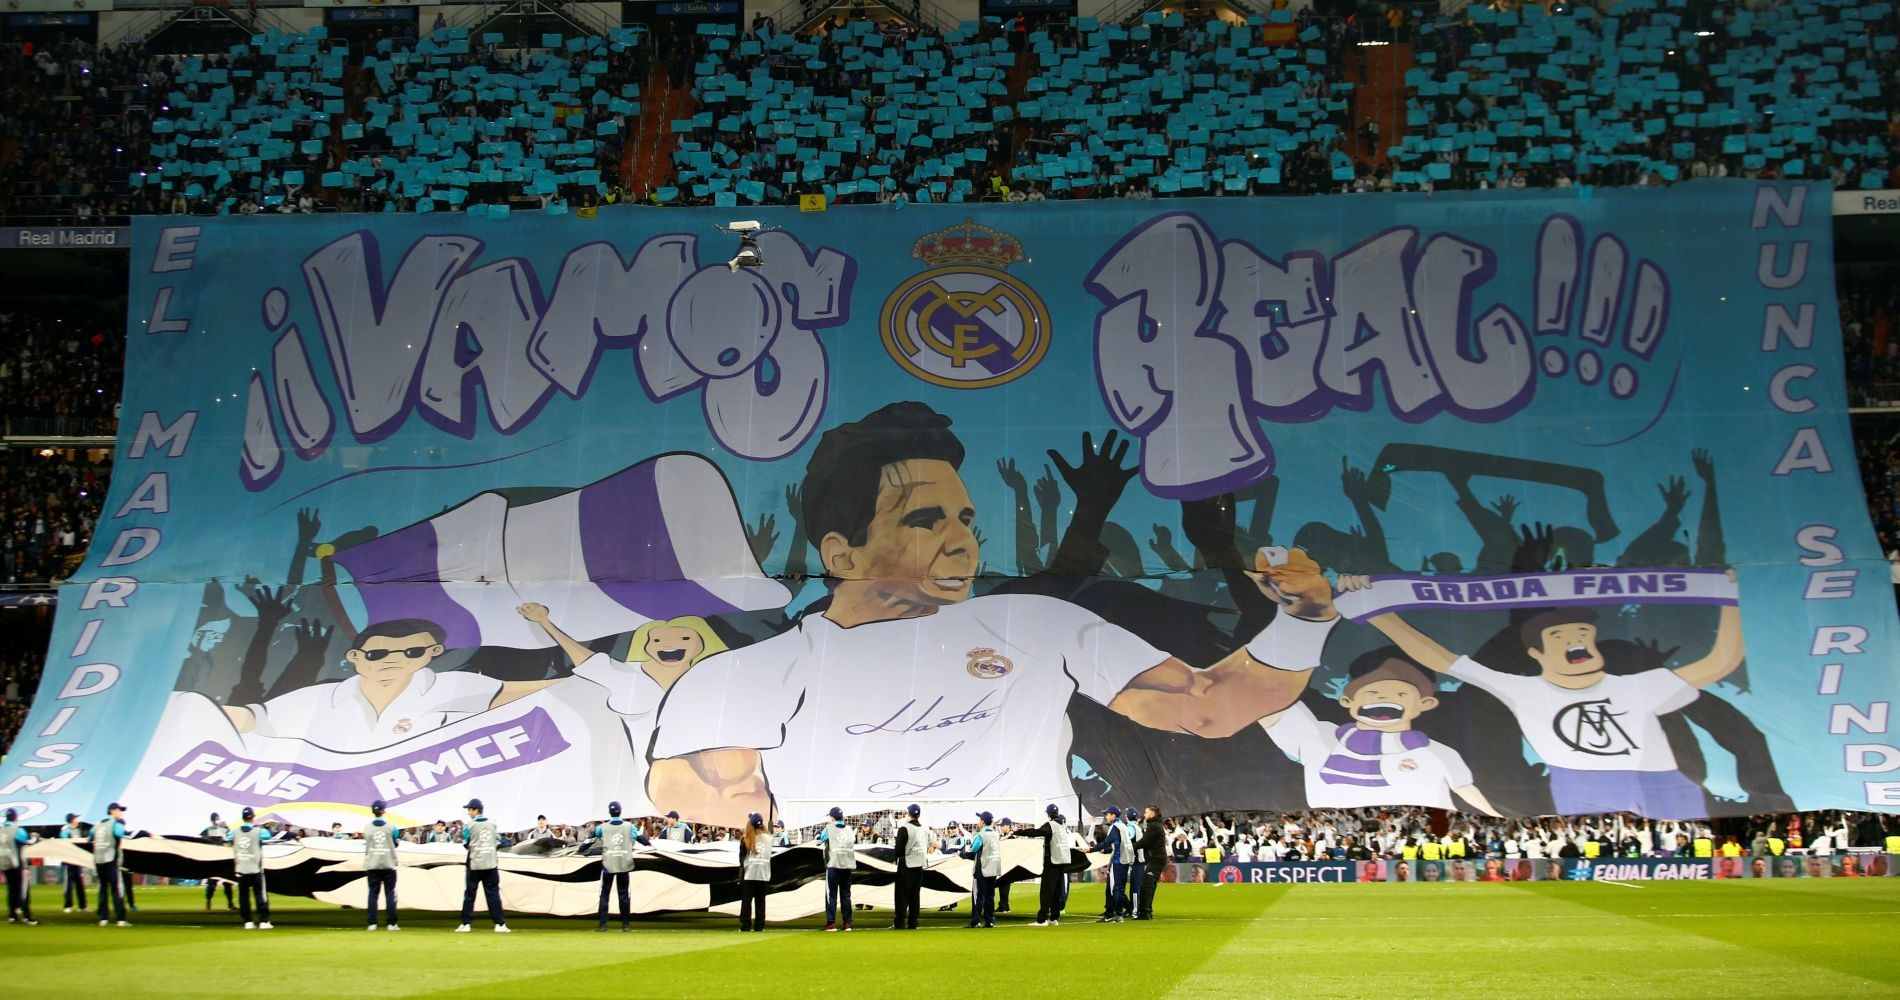 Rafael Nadal - Real Madrid